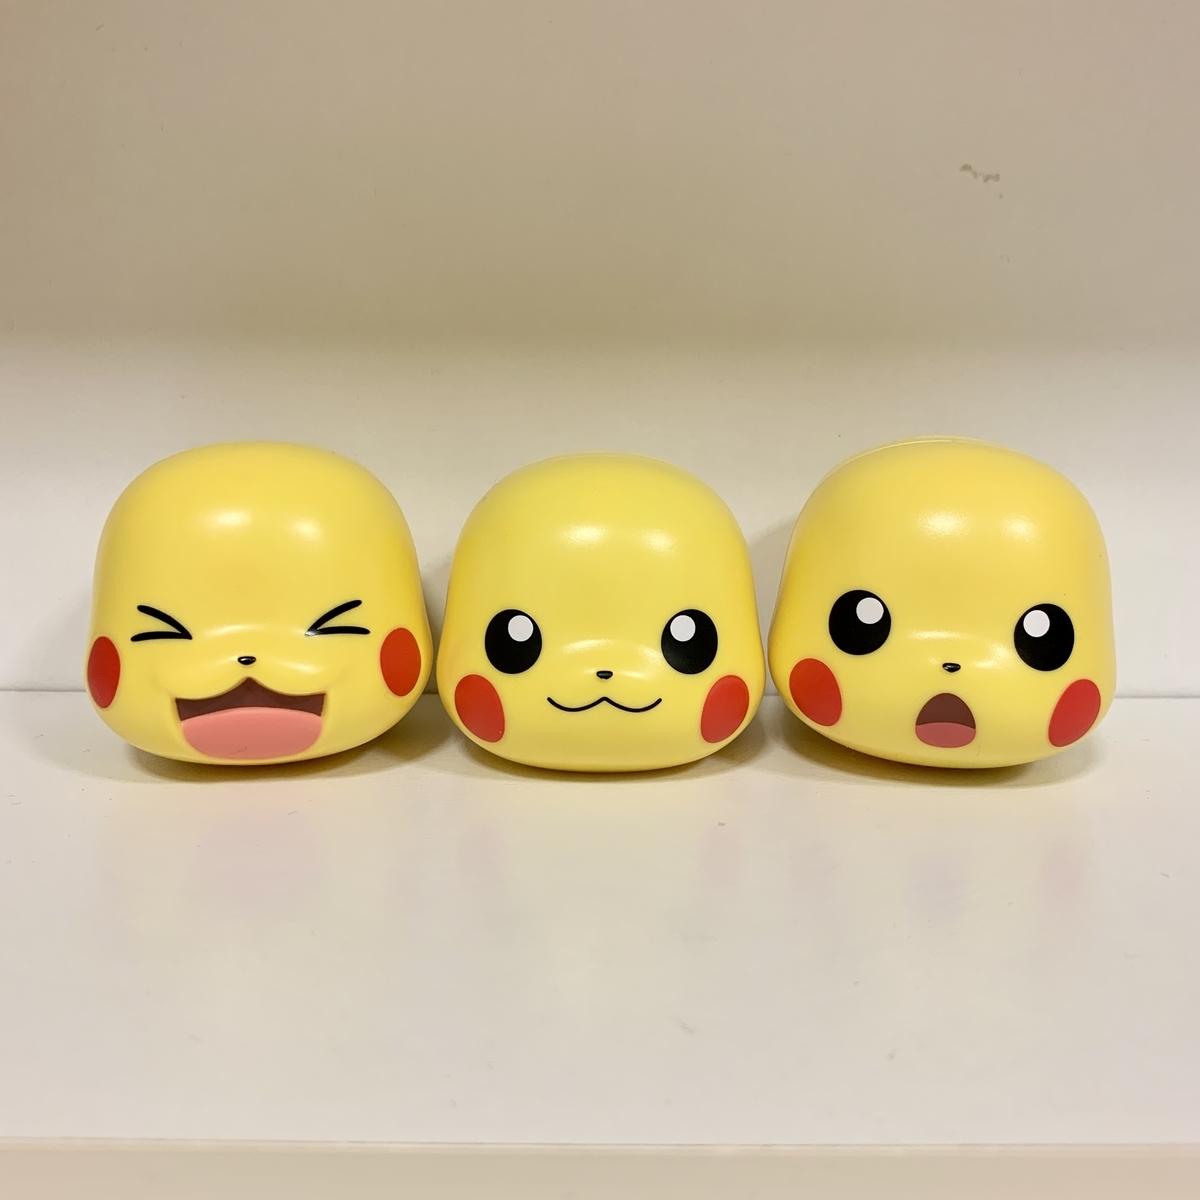 f:id:pikachu_pcn:20210523152722j:plain